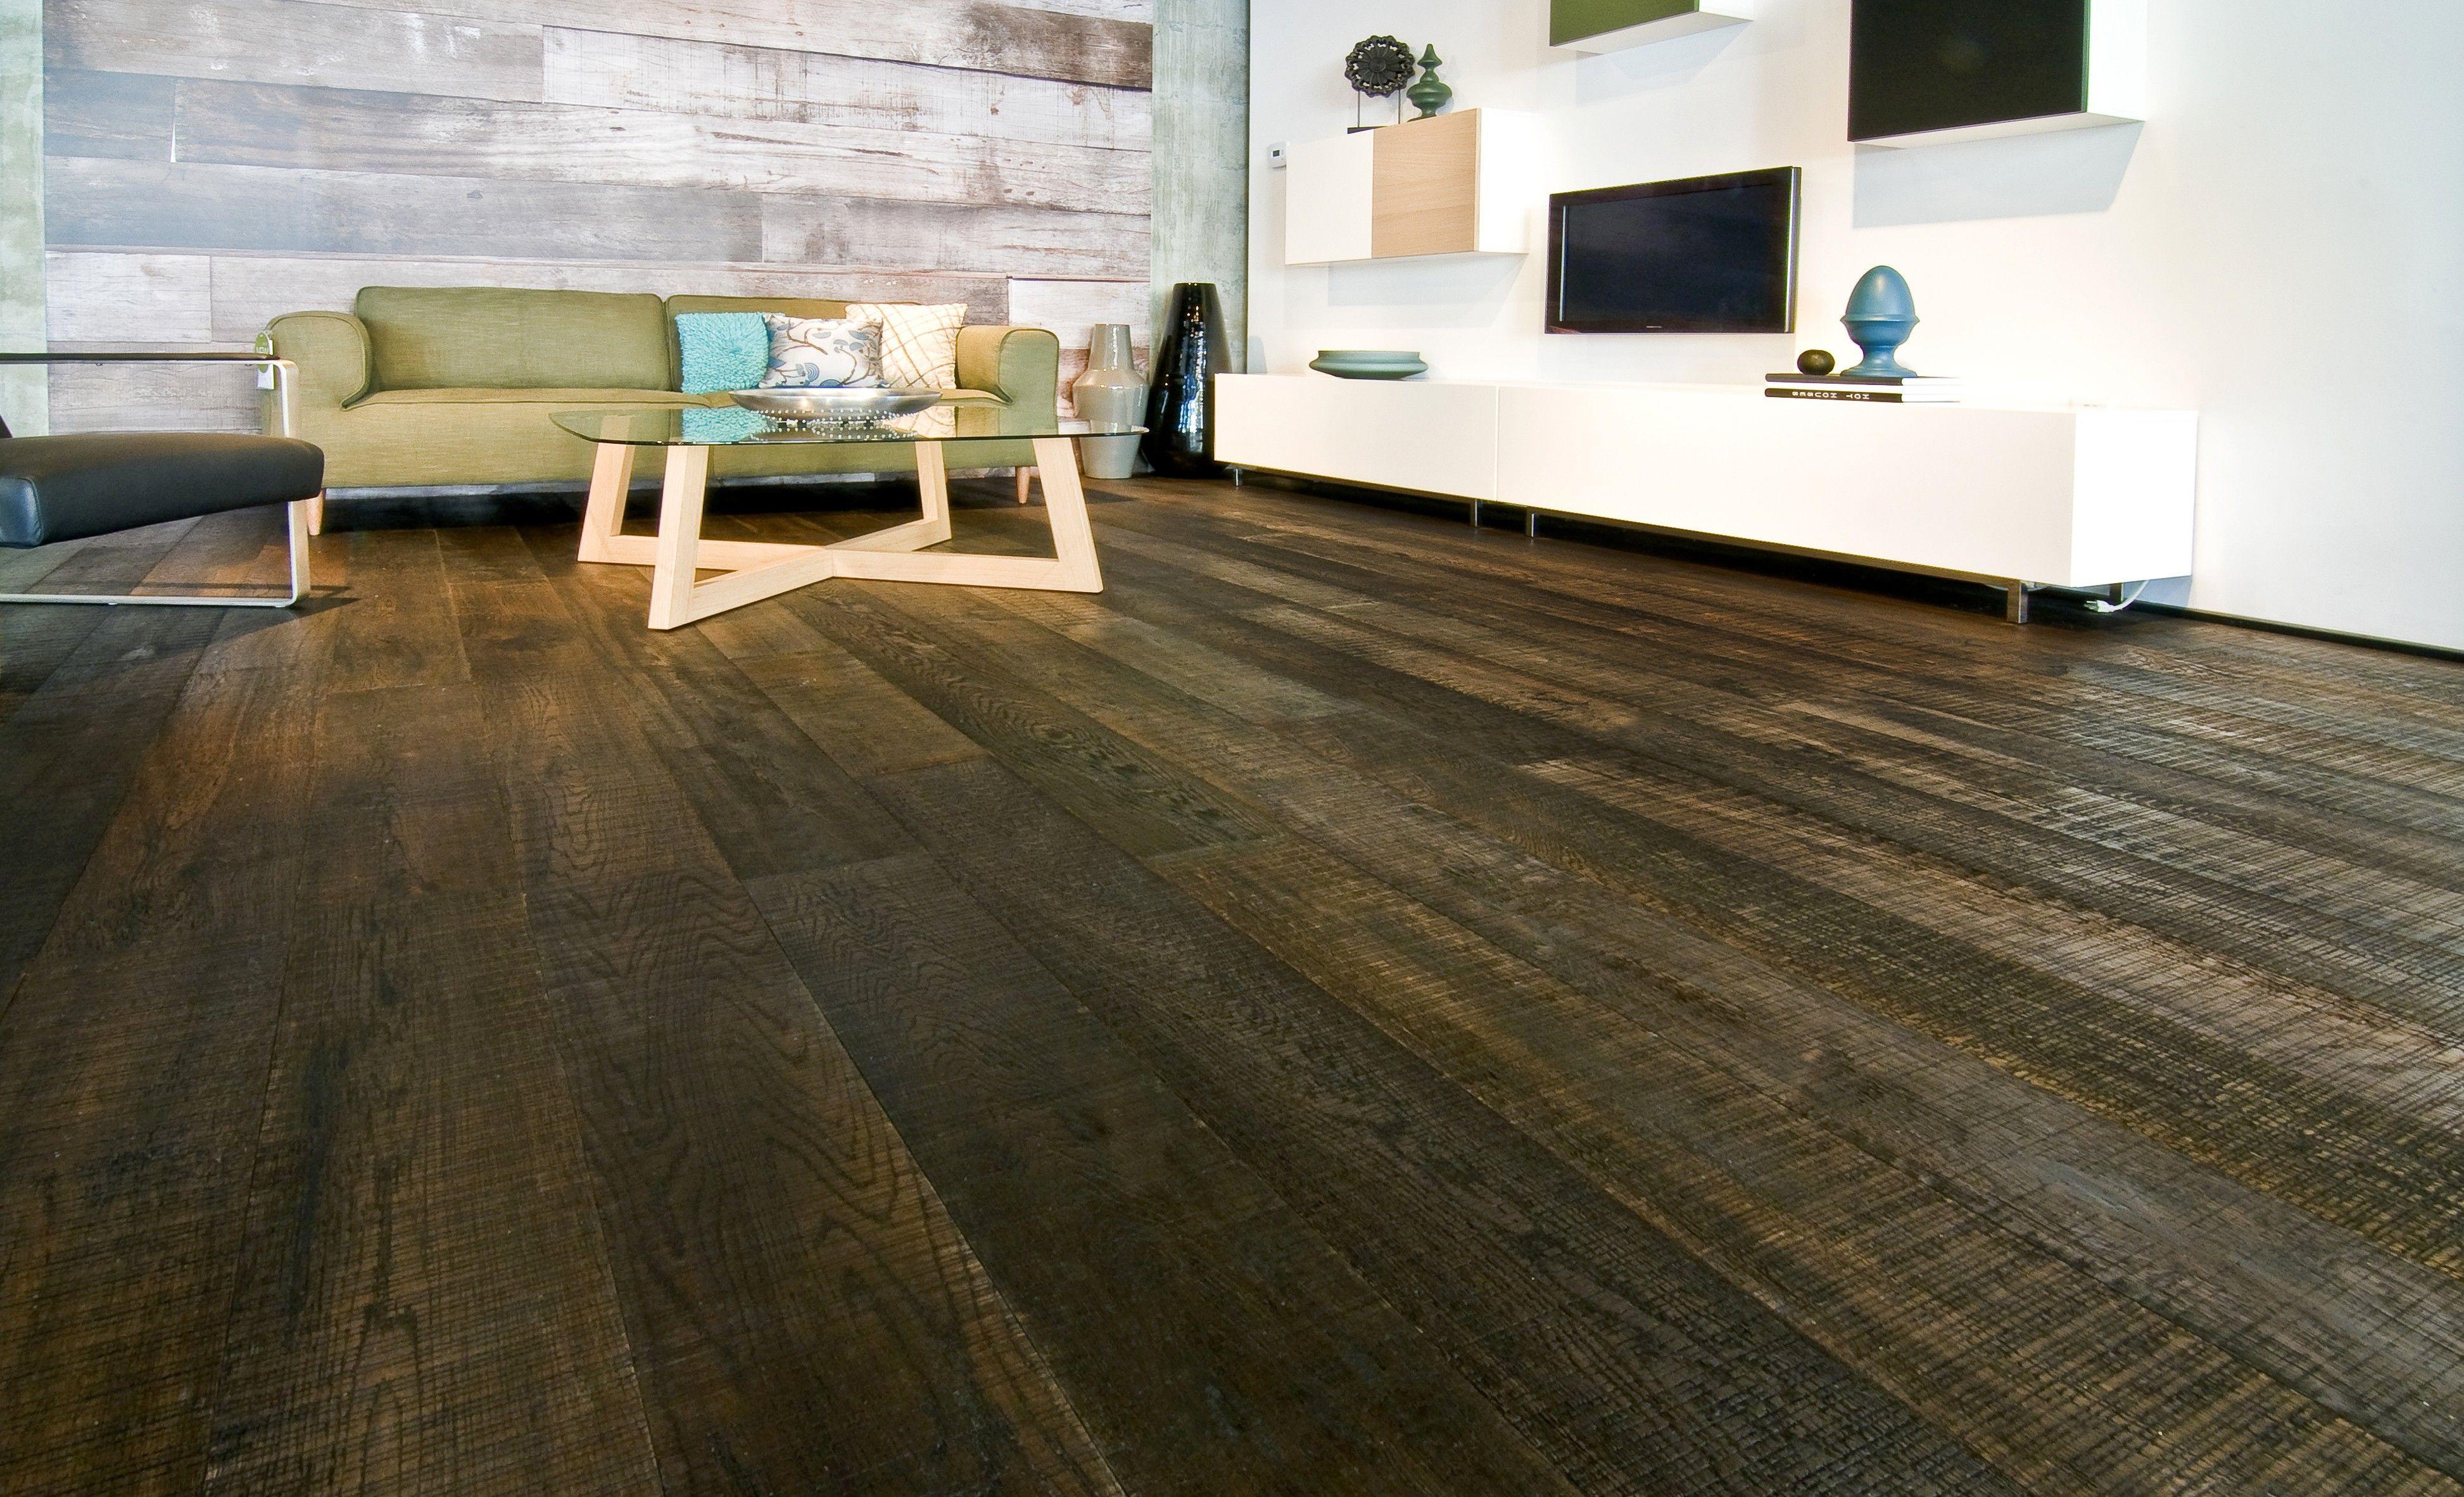 bamboo flooring vs hardwood laminate of lovely bamboo hardwood flooring home design for where to buy hardwood flooring inspirational 0d grace place barnegat